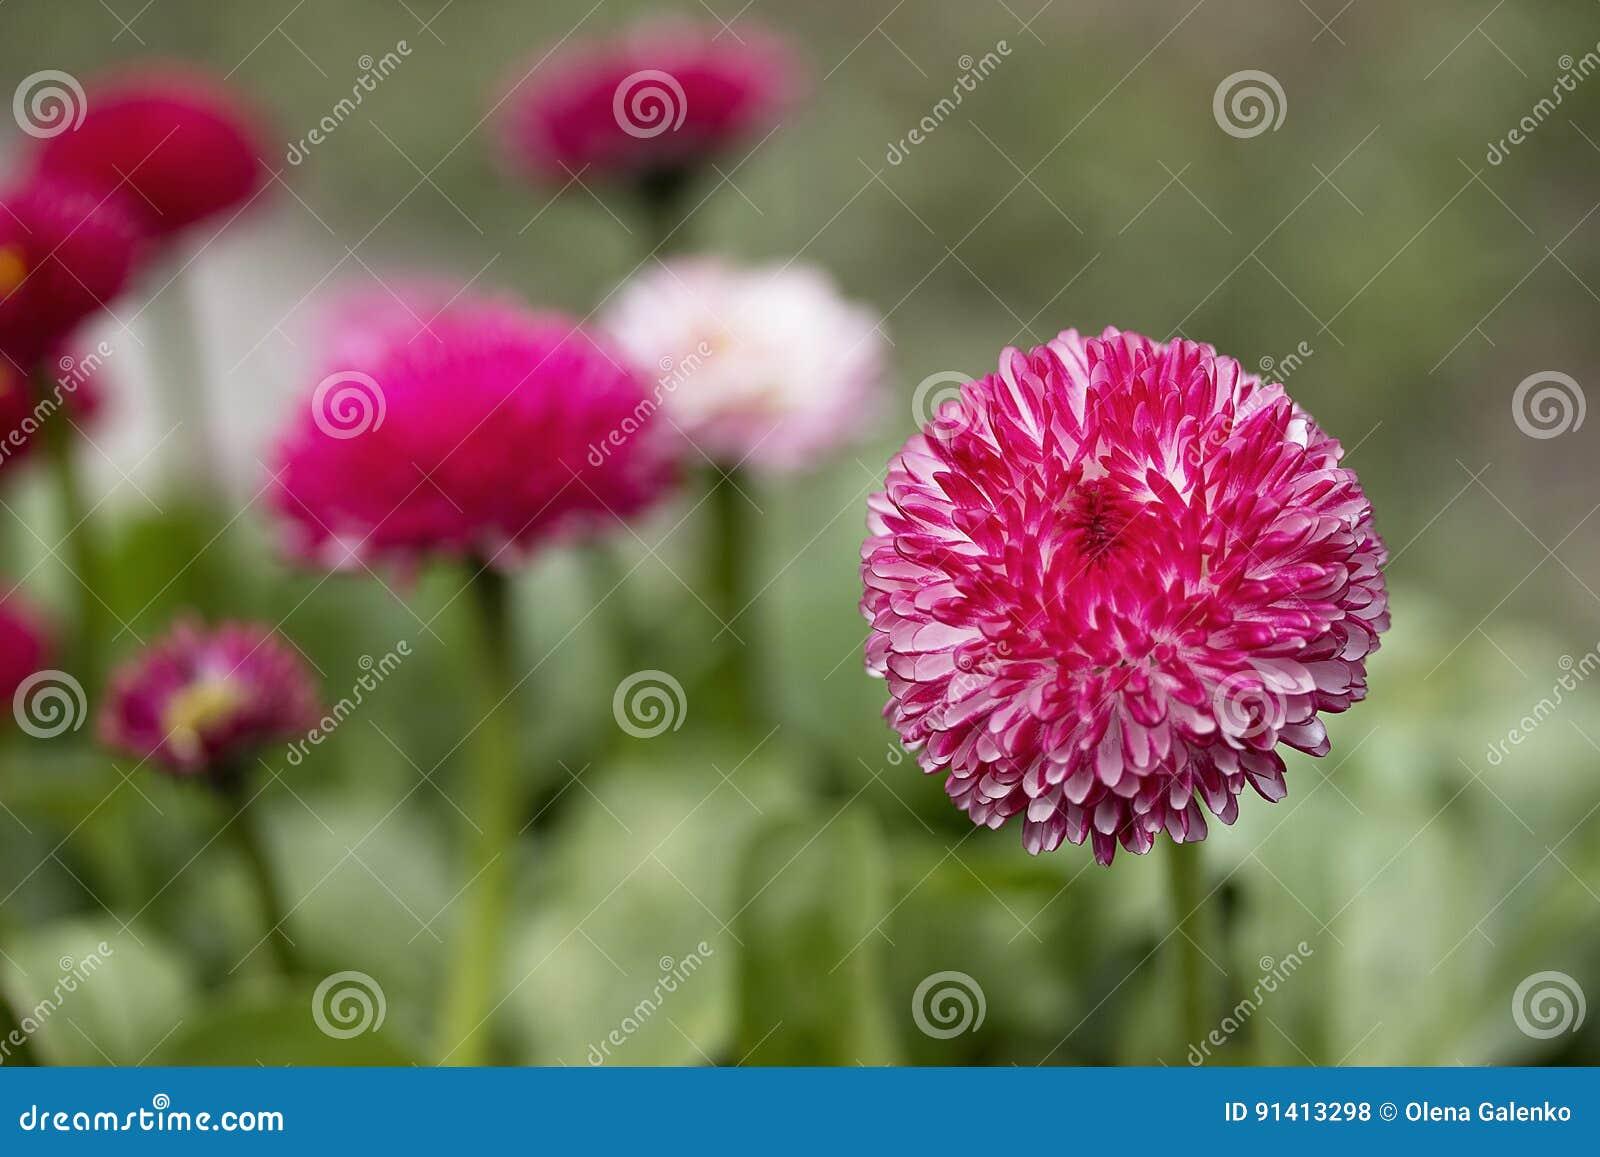 Pink english daisies bellis perennis spring flowers stock photo pink english daisies bellis perennis spring flowers mightylinksfo